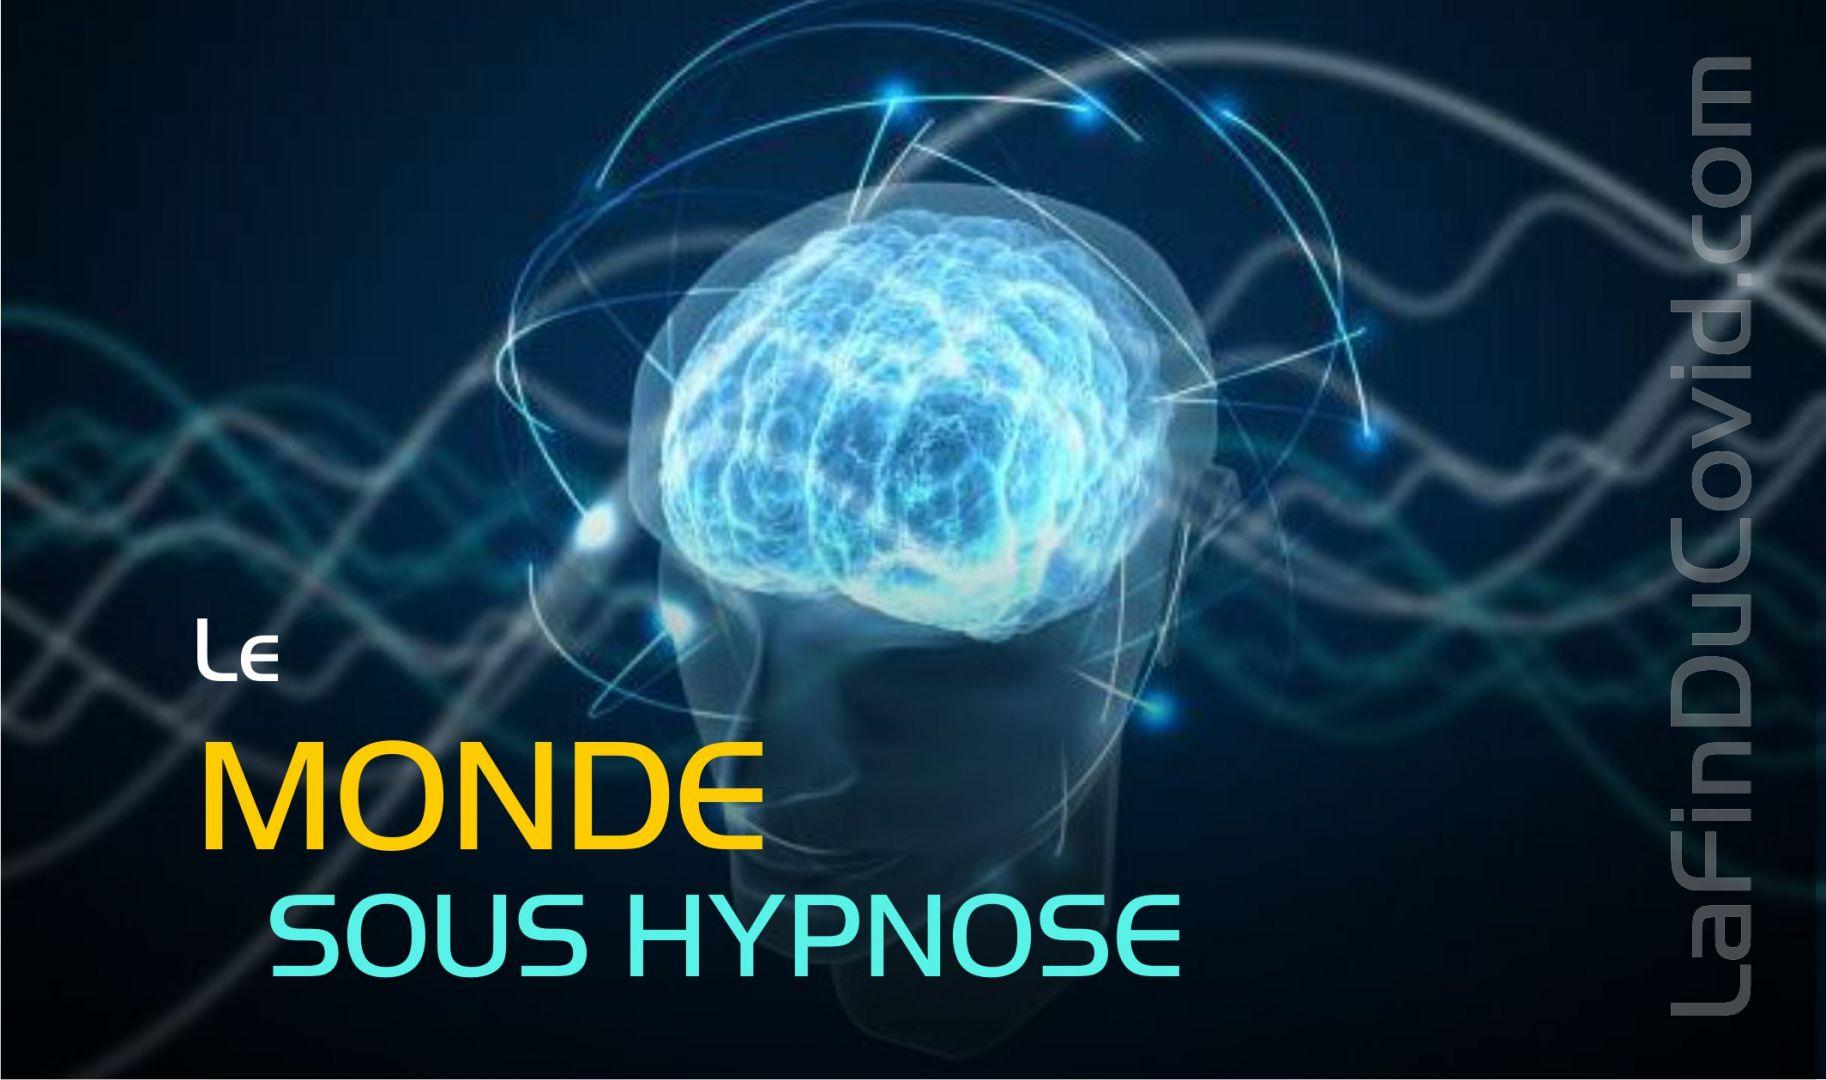 Le monde est sous hypnose et son conditionnement le mène à l'esclavage